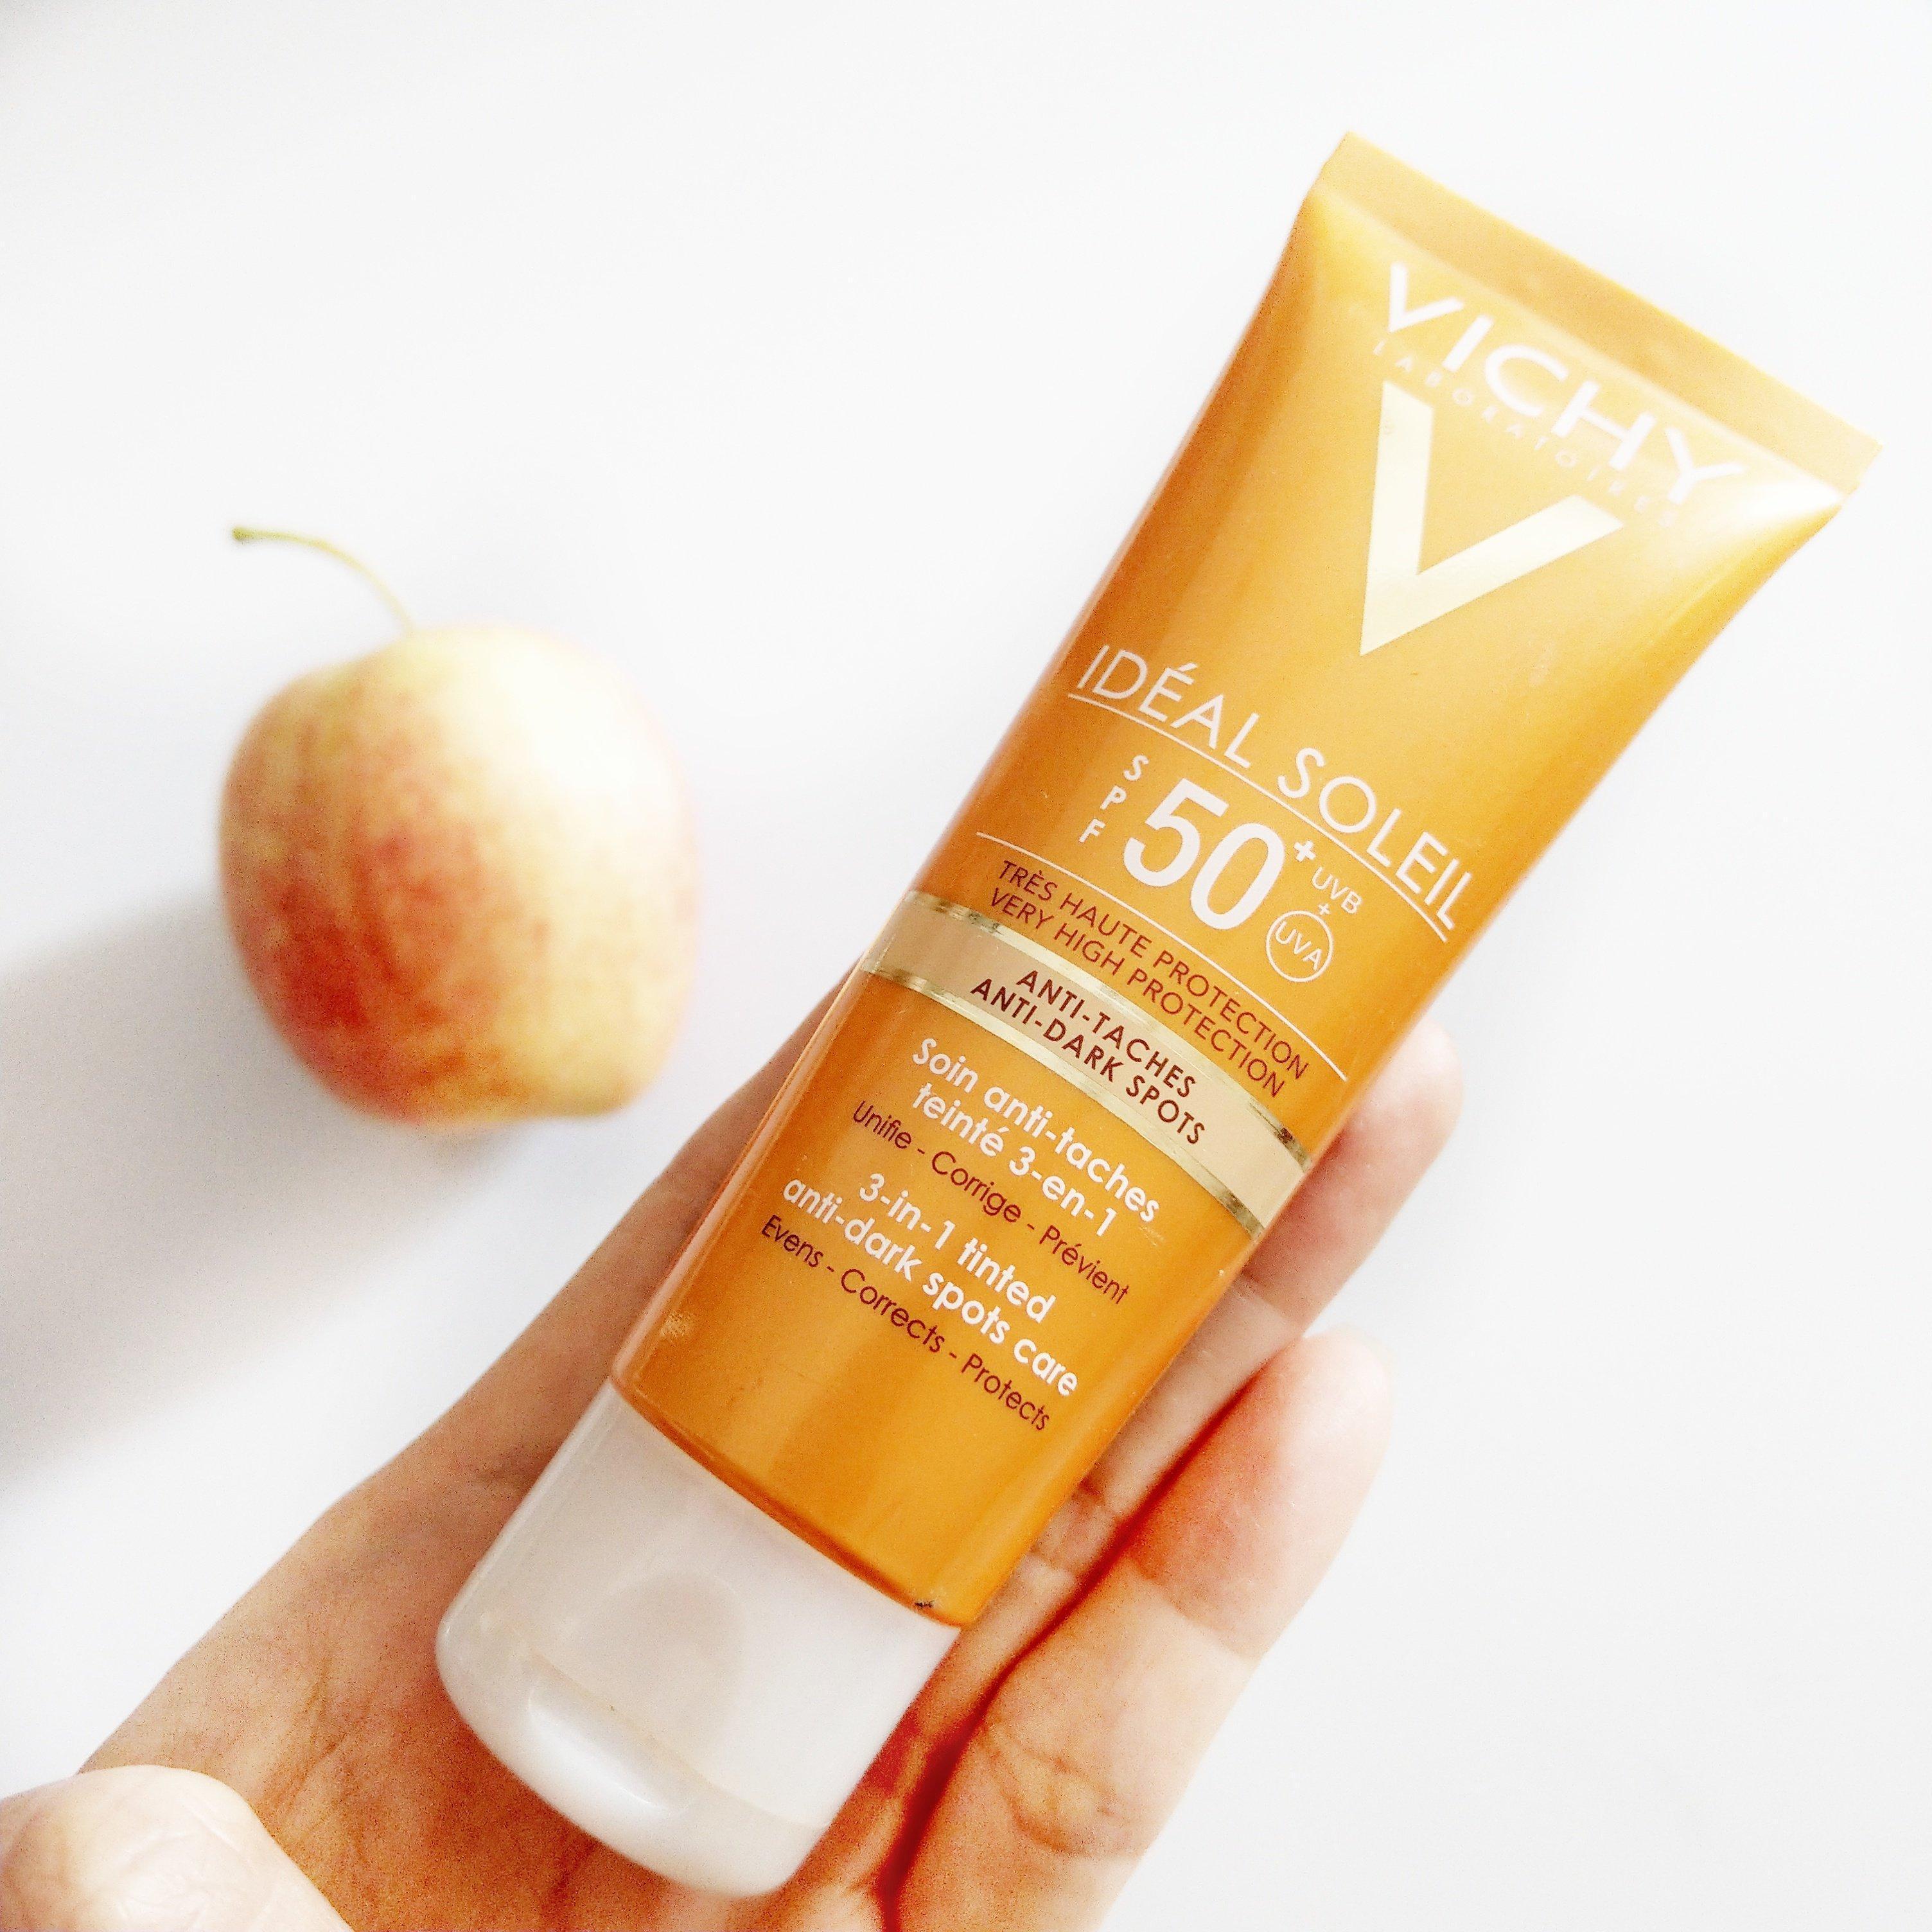 """Với những nàng có làn da yếu, dễ bị tổn thương thì kem chống nắng Vichy bản 3 in 1 chắc hẳn sẽ là """"trợ thủ đắc lực"""" trong mùa nắng đấy nhé. (Ảnh: Internet)"""